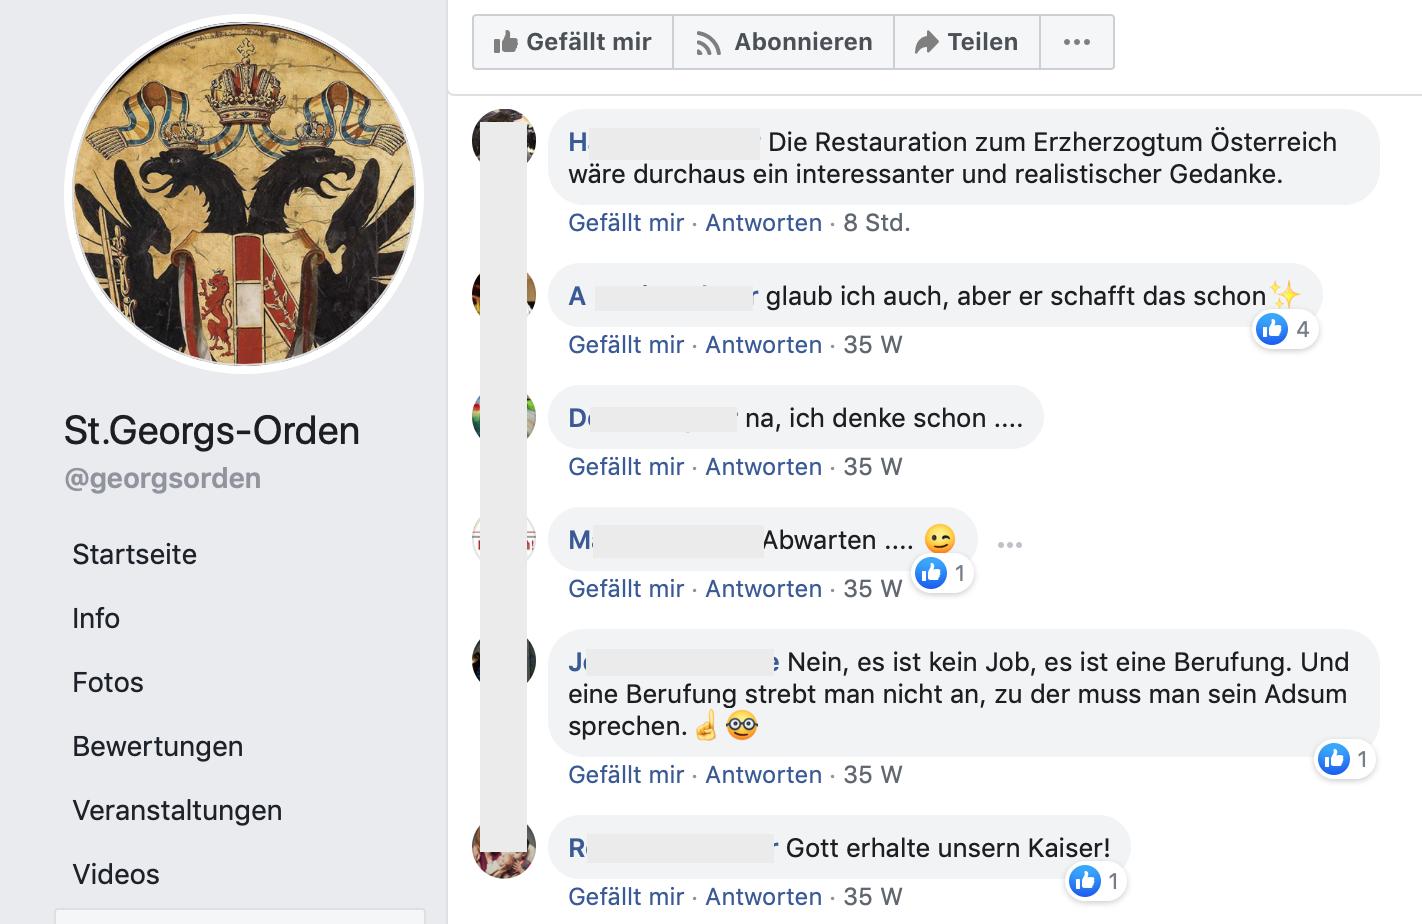 Facebook-Seite des St. Georgs-Orden als habsburgischer Anbetungsverein